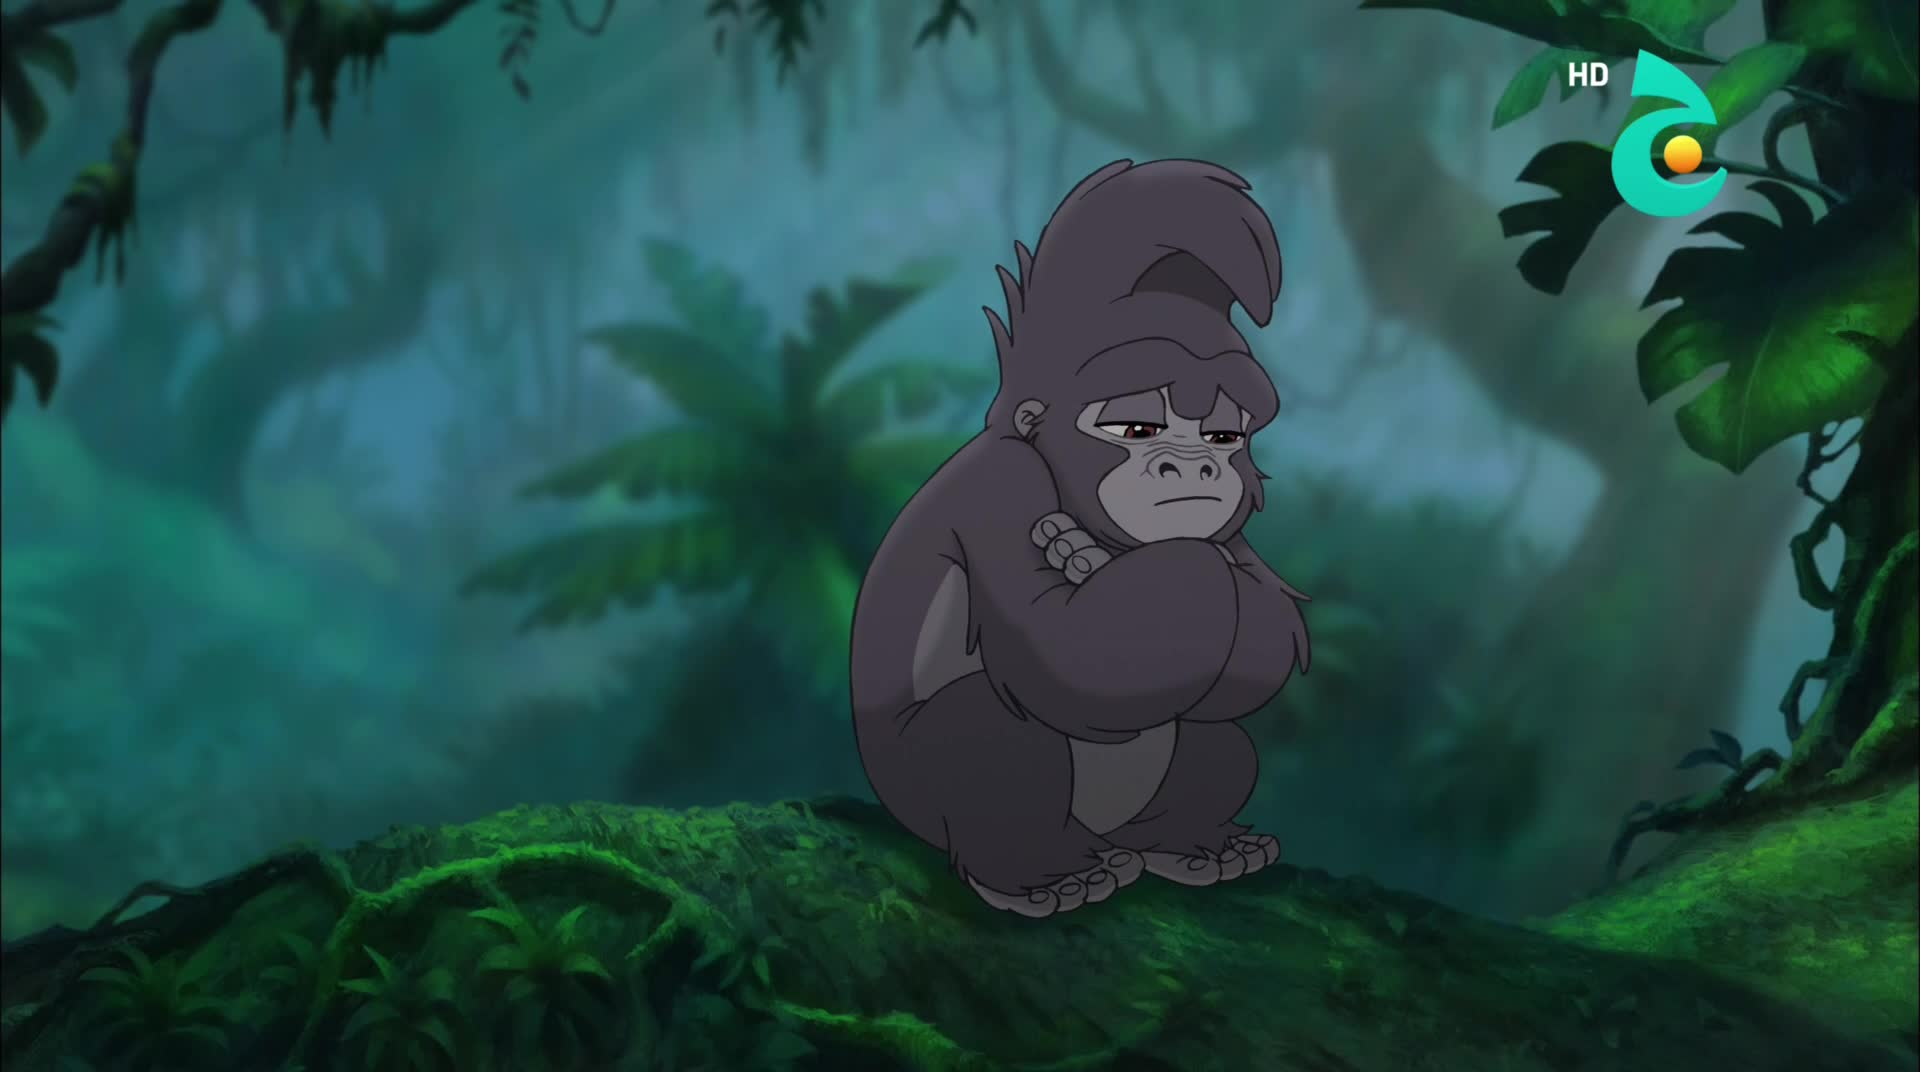 طرزان الجزء الثاني Tarzan II (2005) HDTV 1080p تحميل تورنت 7 arabp2p.com